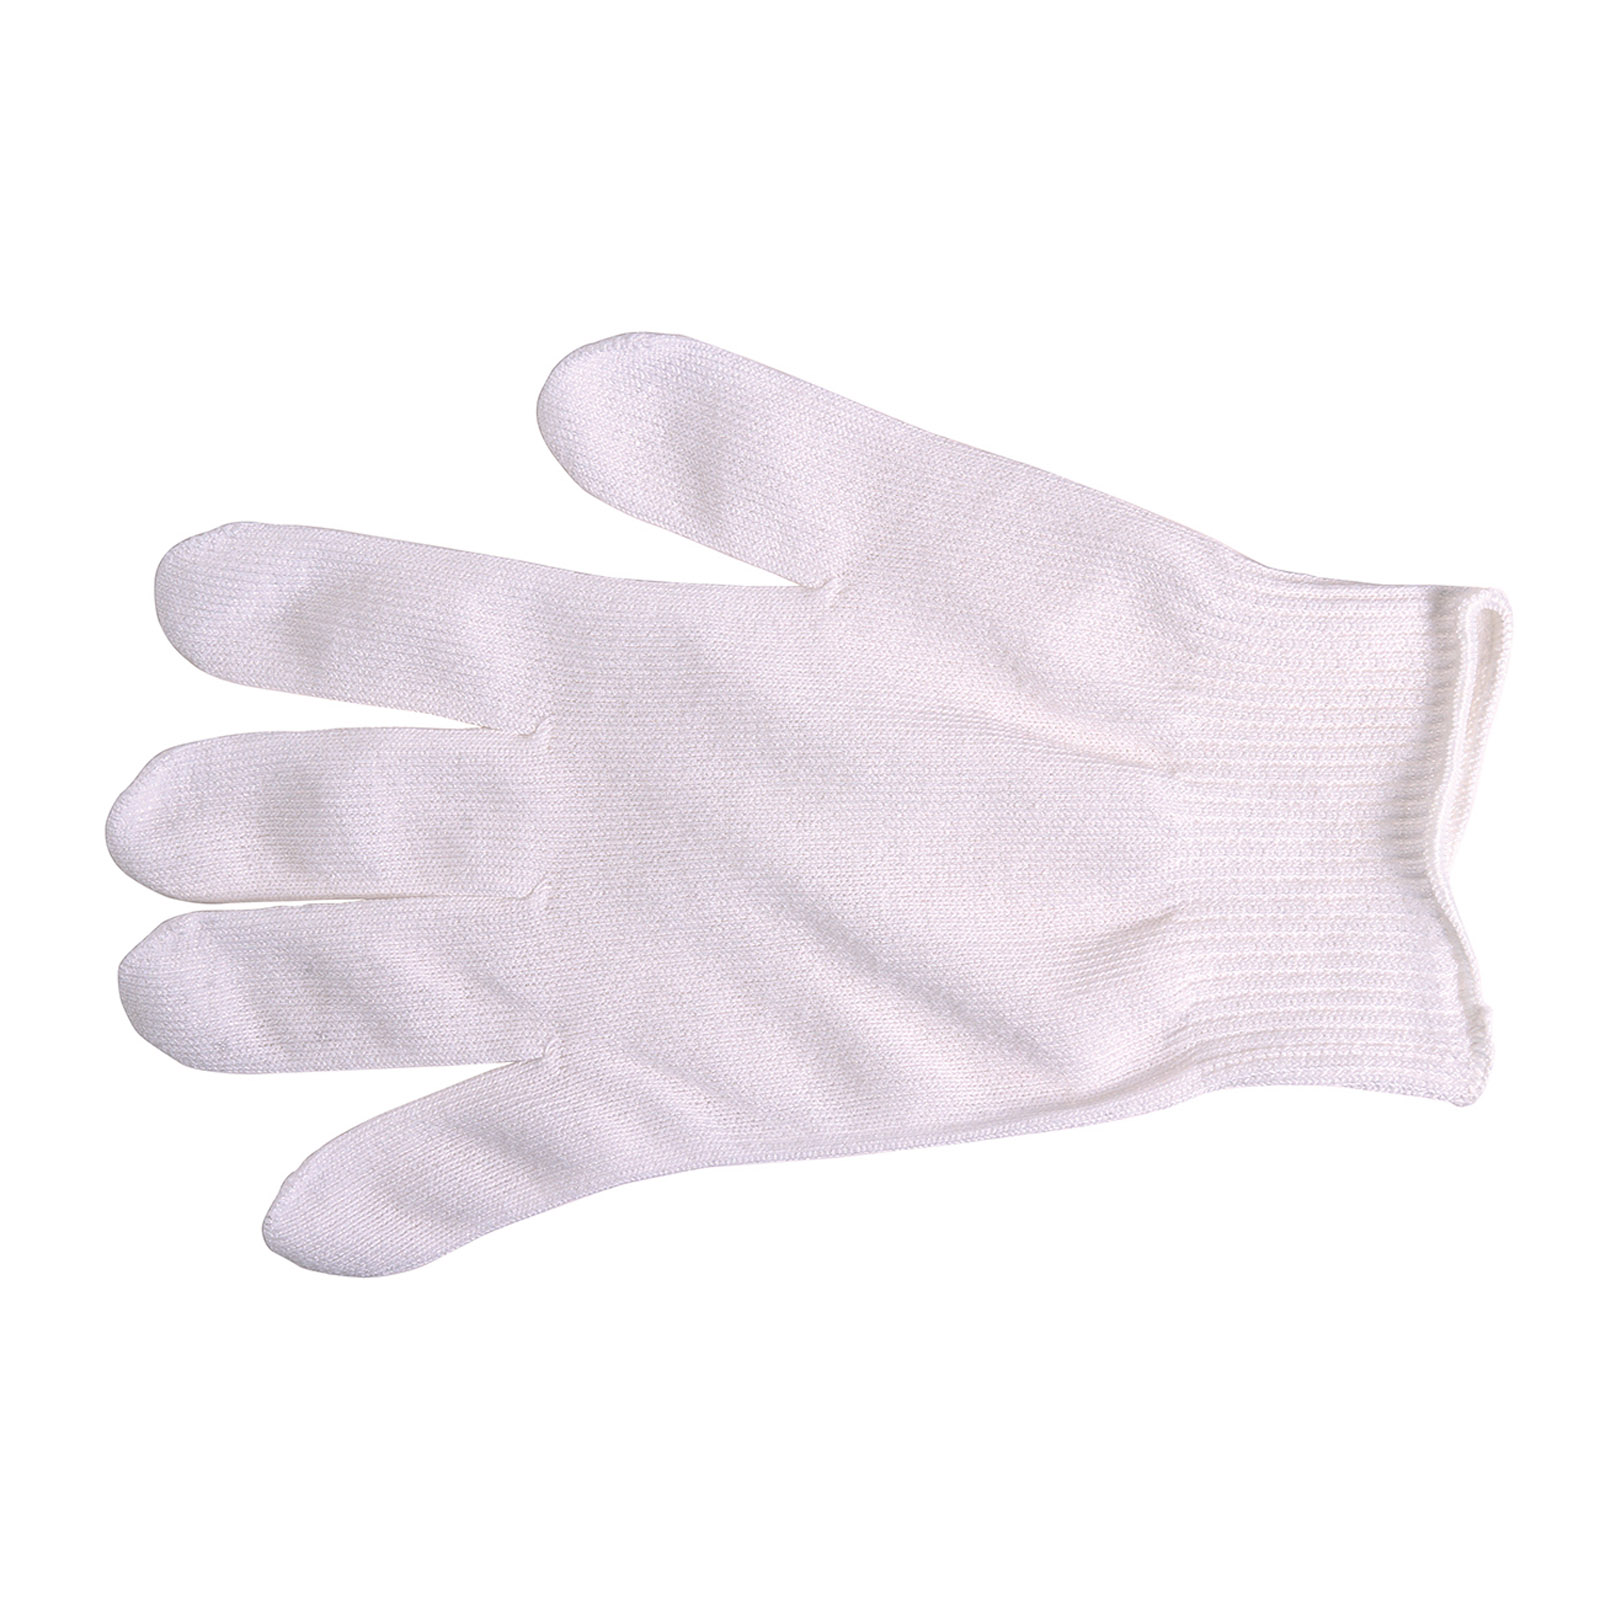 Mercer Culinary M33411L glove, cut resistant